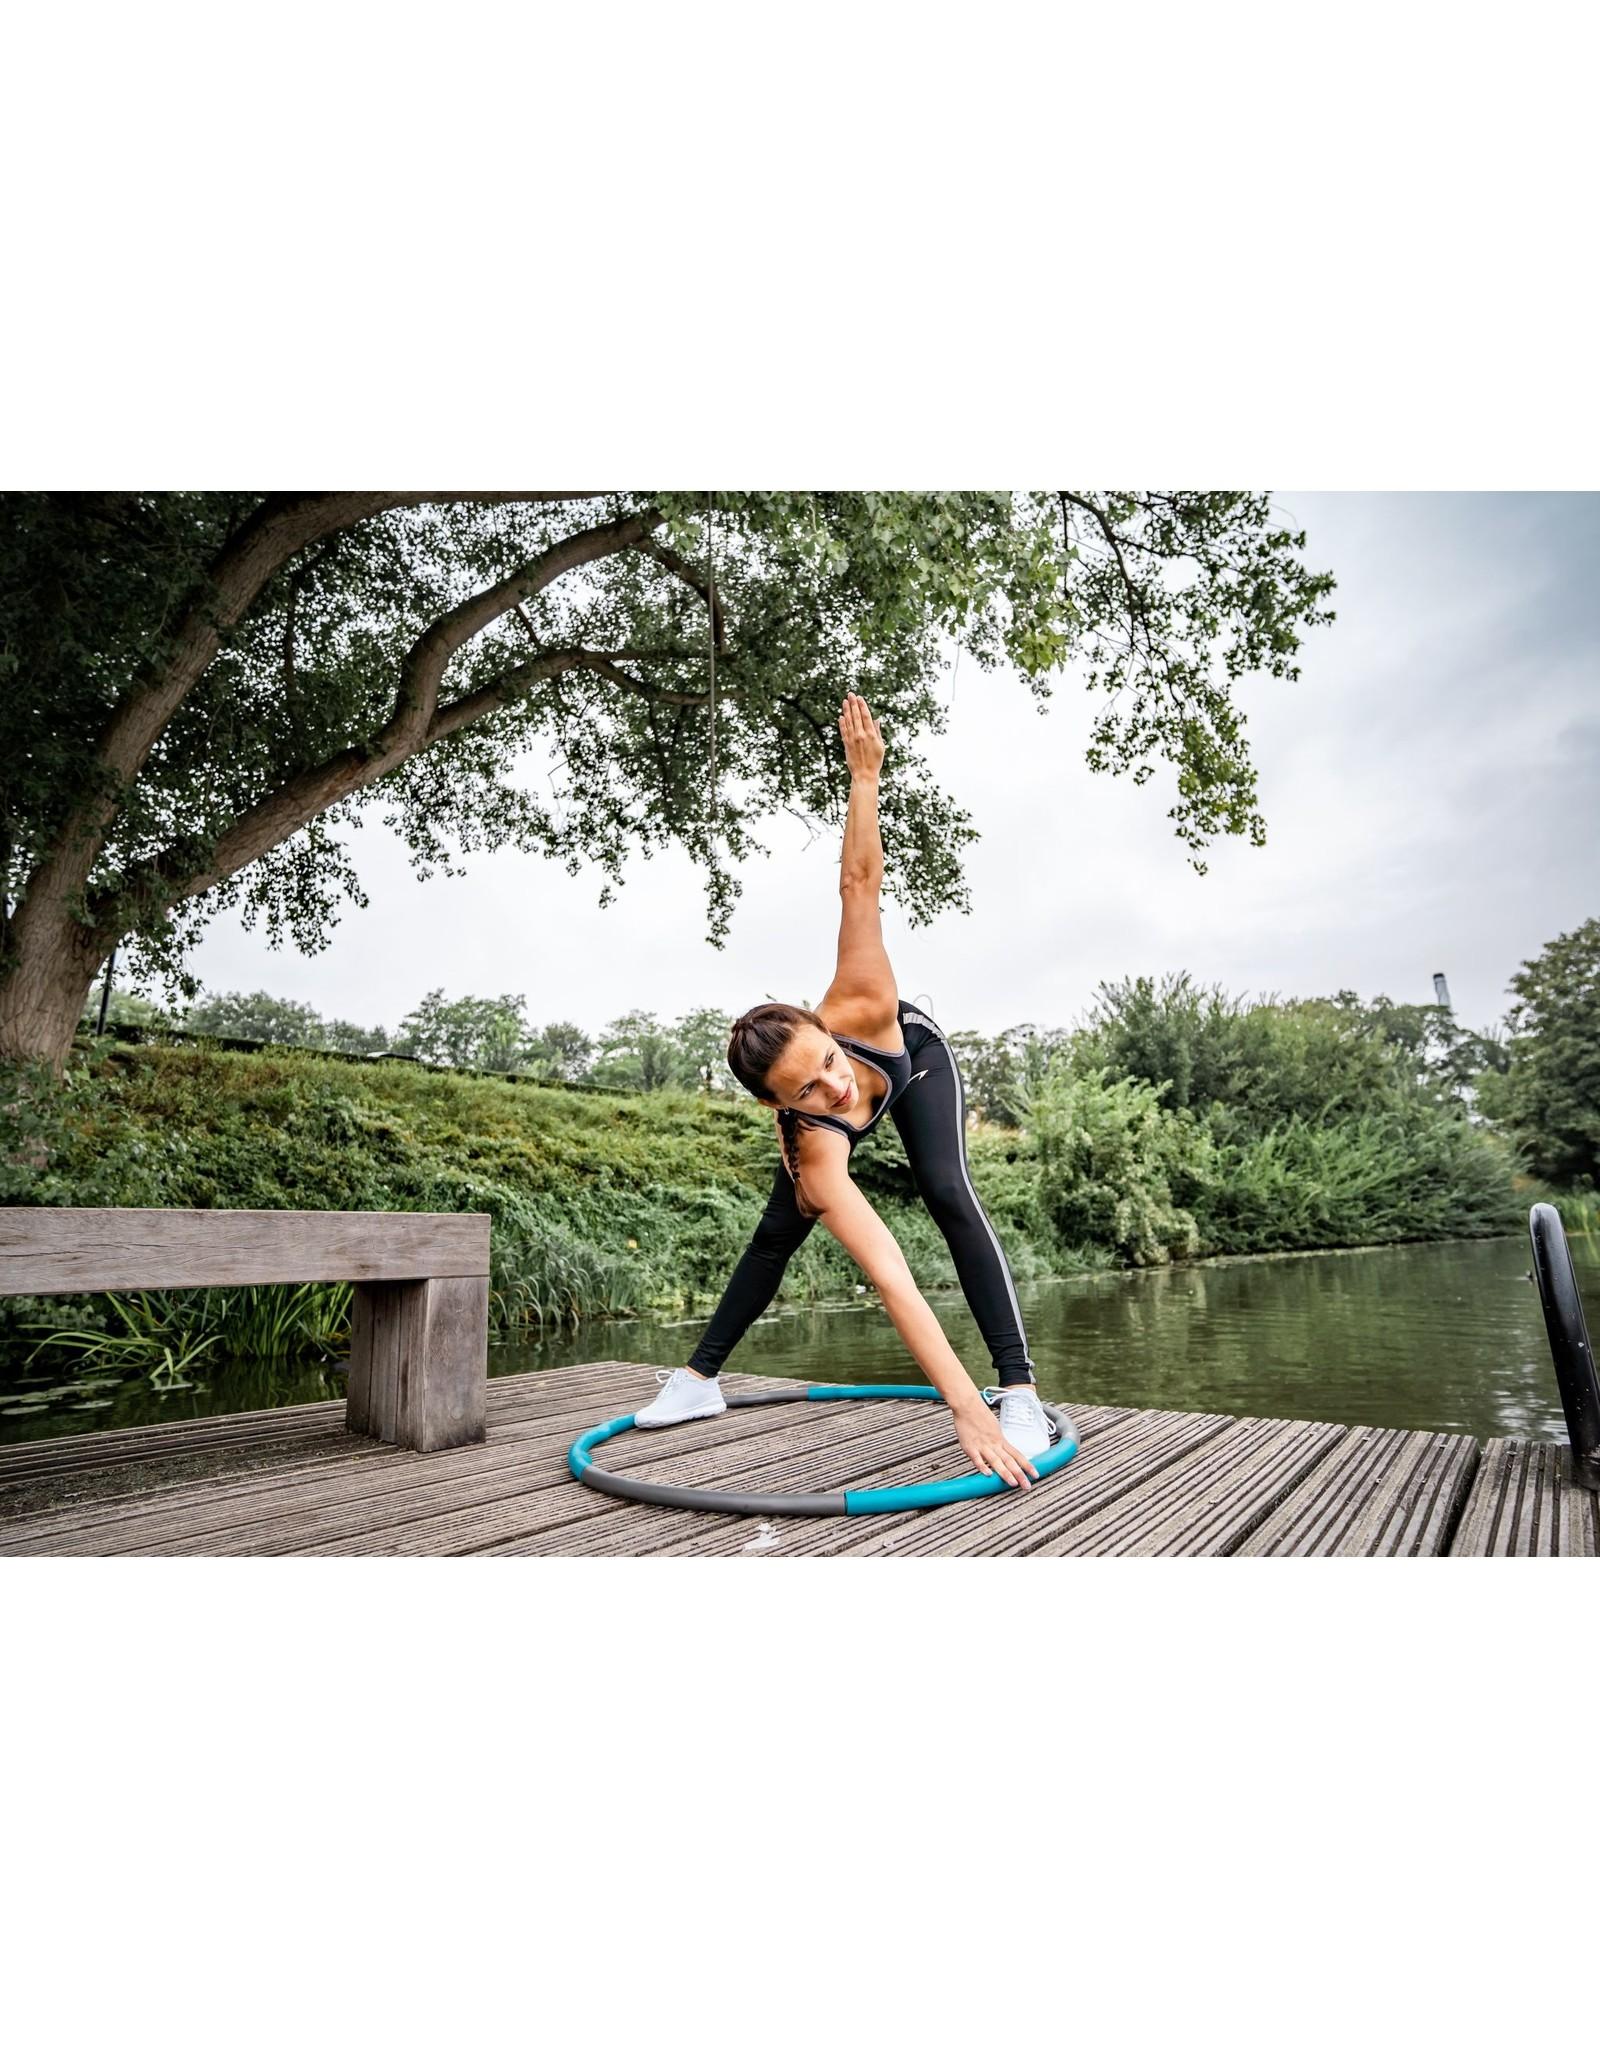 Avento Fitness Hoelahoop Foam • 1.5 kg •